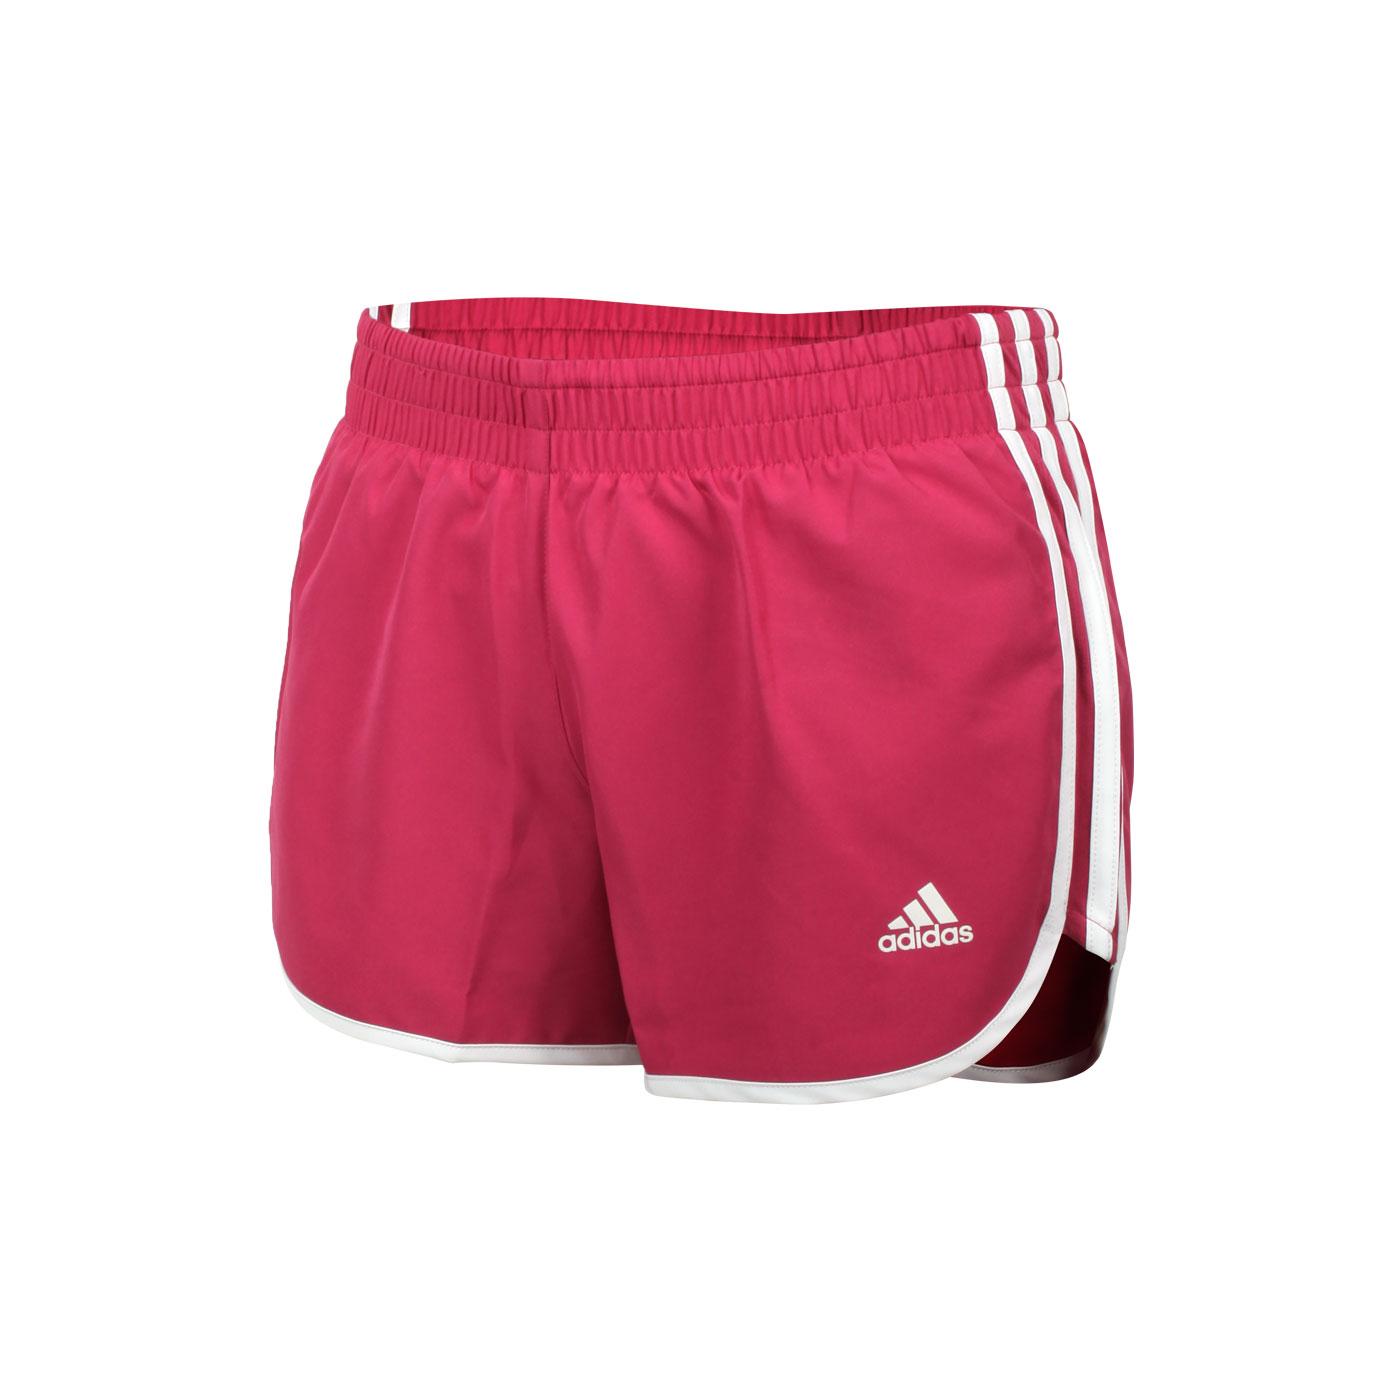 ADIDAS 女款慢跑短褲 GK5263